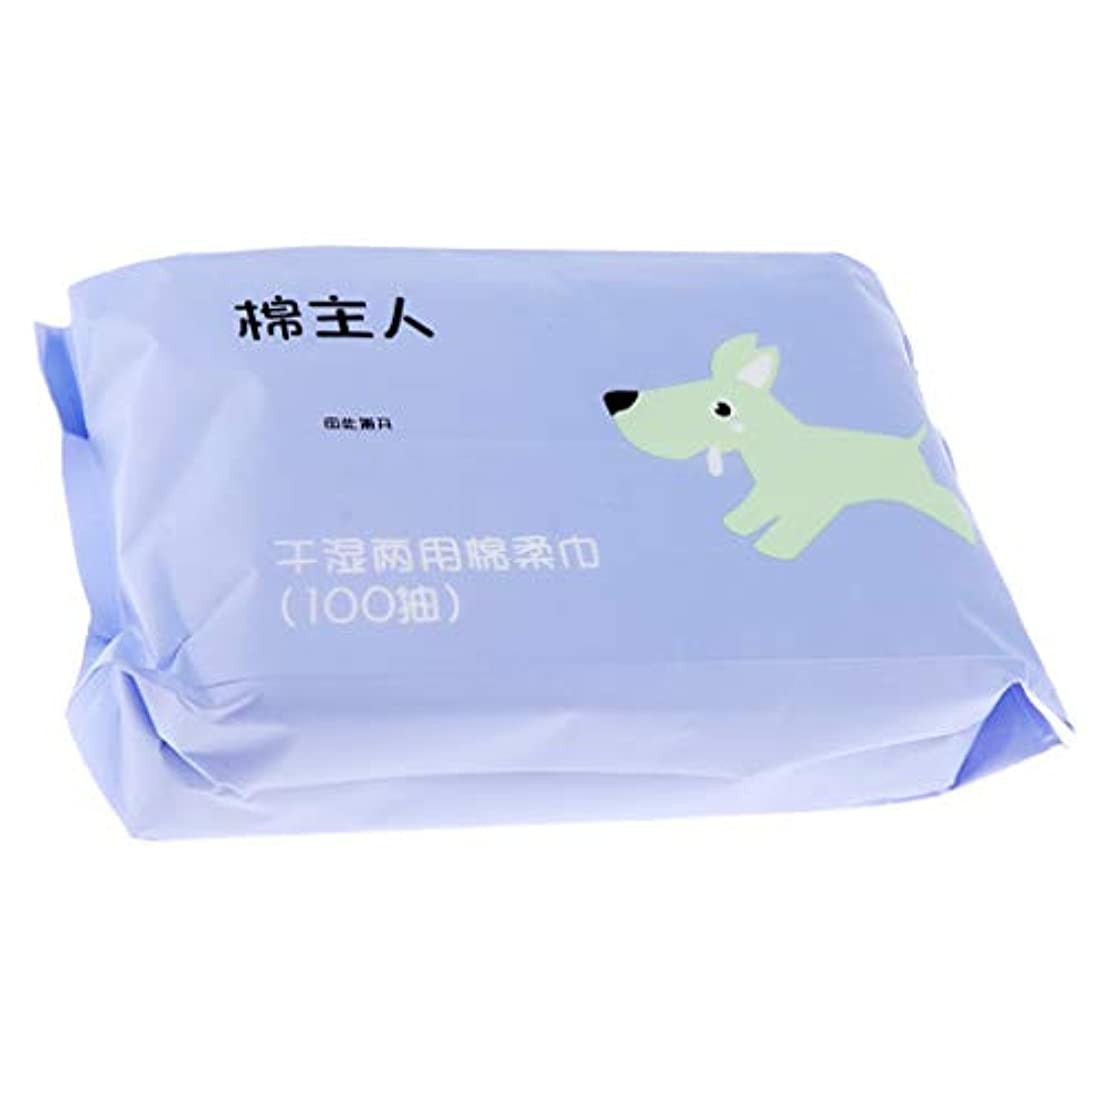 パーフェルビッド買う観察Perfeclan 約100枚 クレンジングシート フェイス クリーニング タオル メイク落とし 清潔 衛生 非刺激 - 青紫